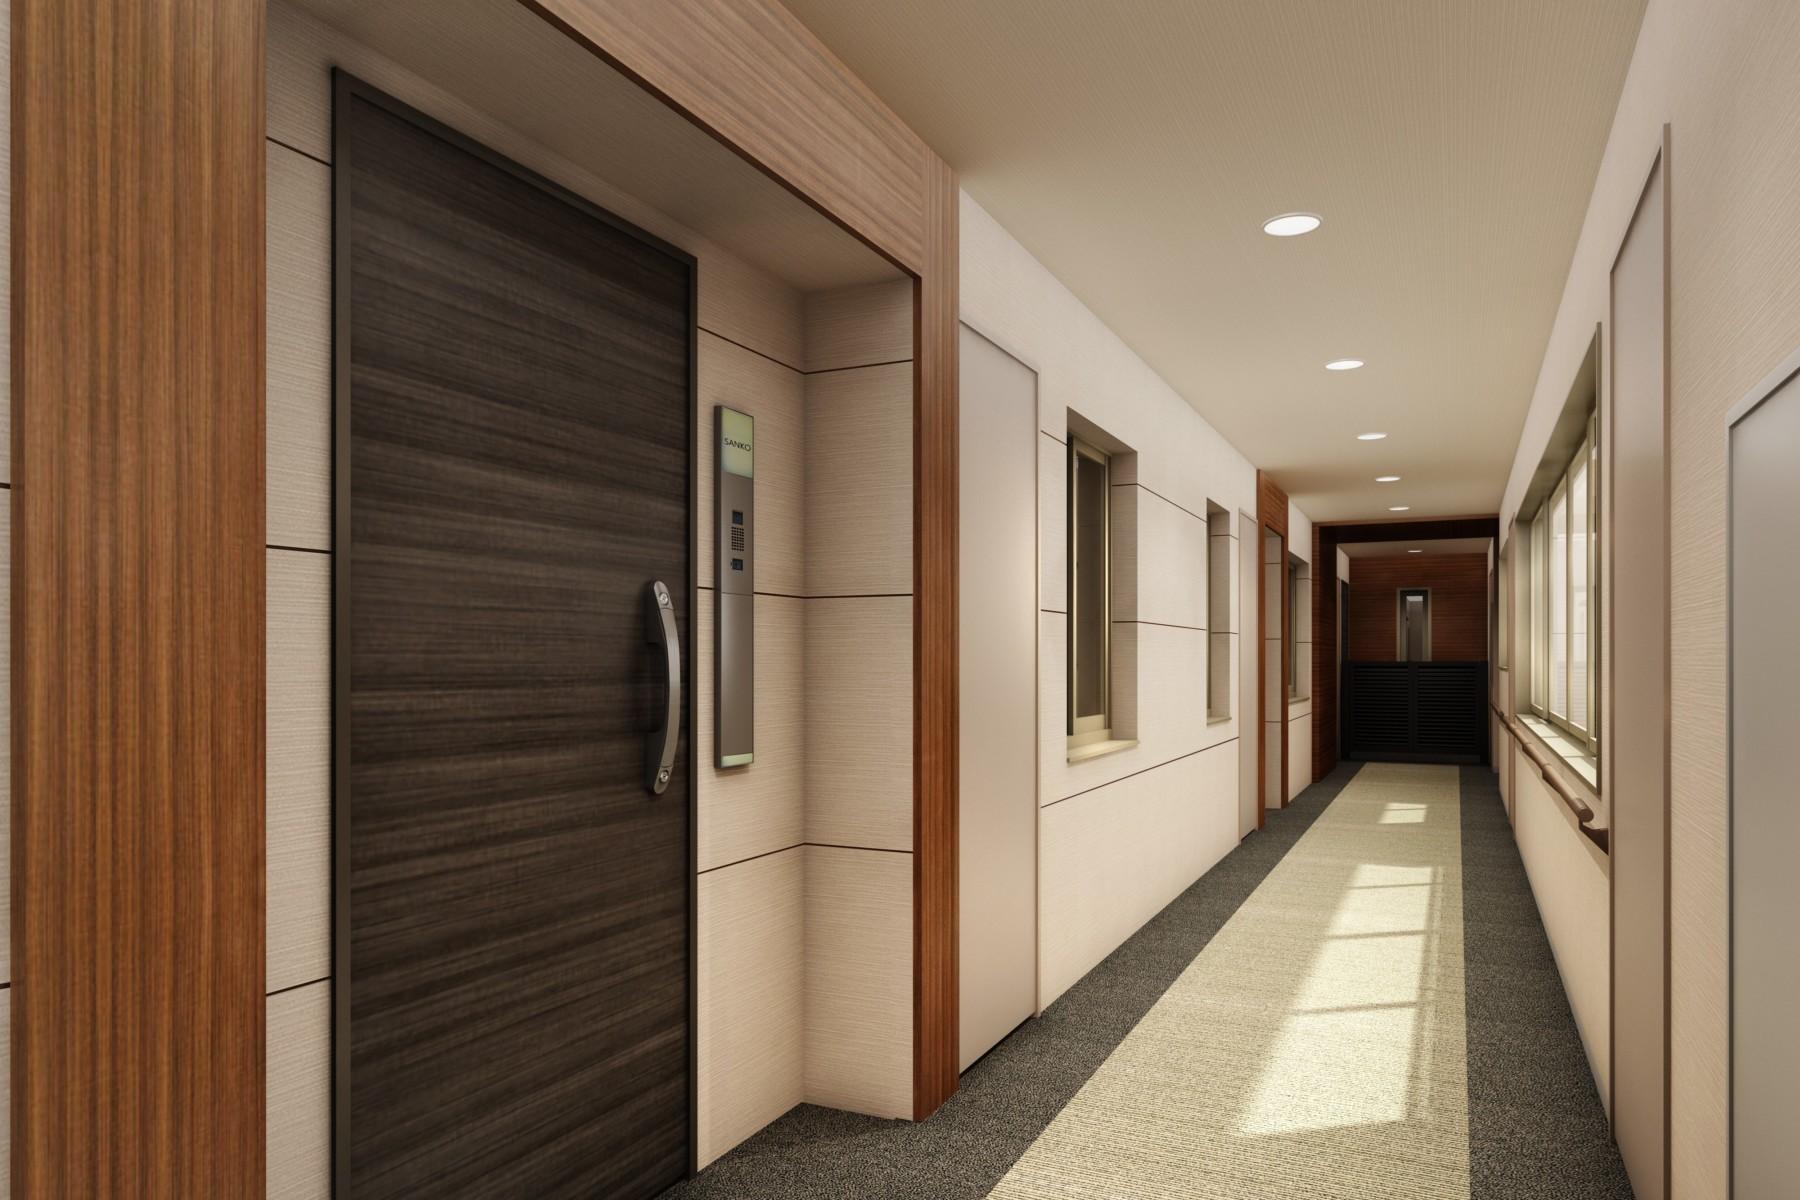 ザ・マークス南通 内廊下仕様の暖かく雪、雨、風の影響がない構造